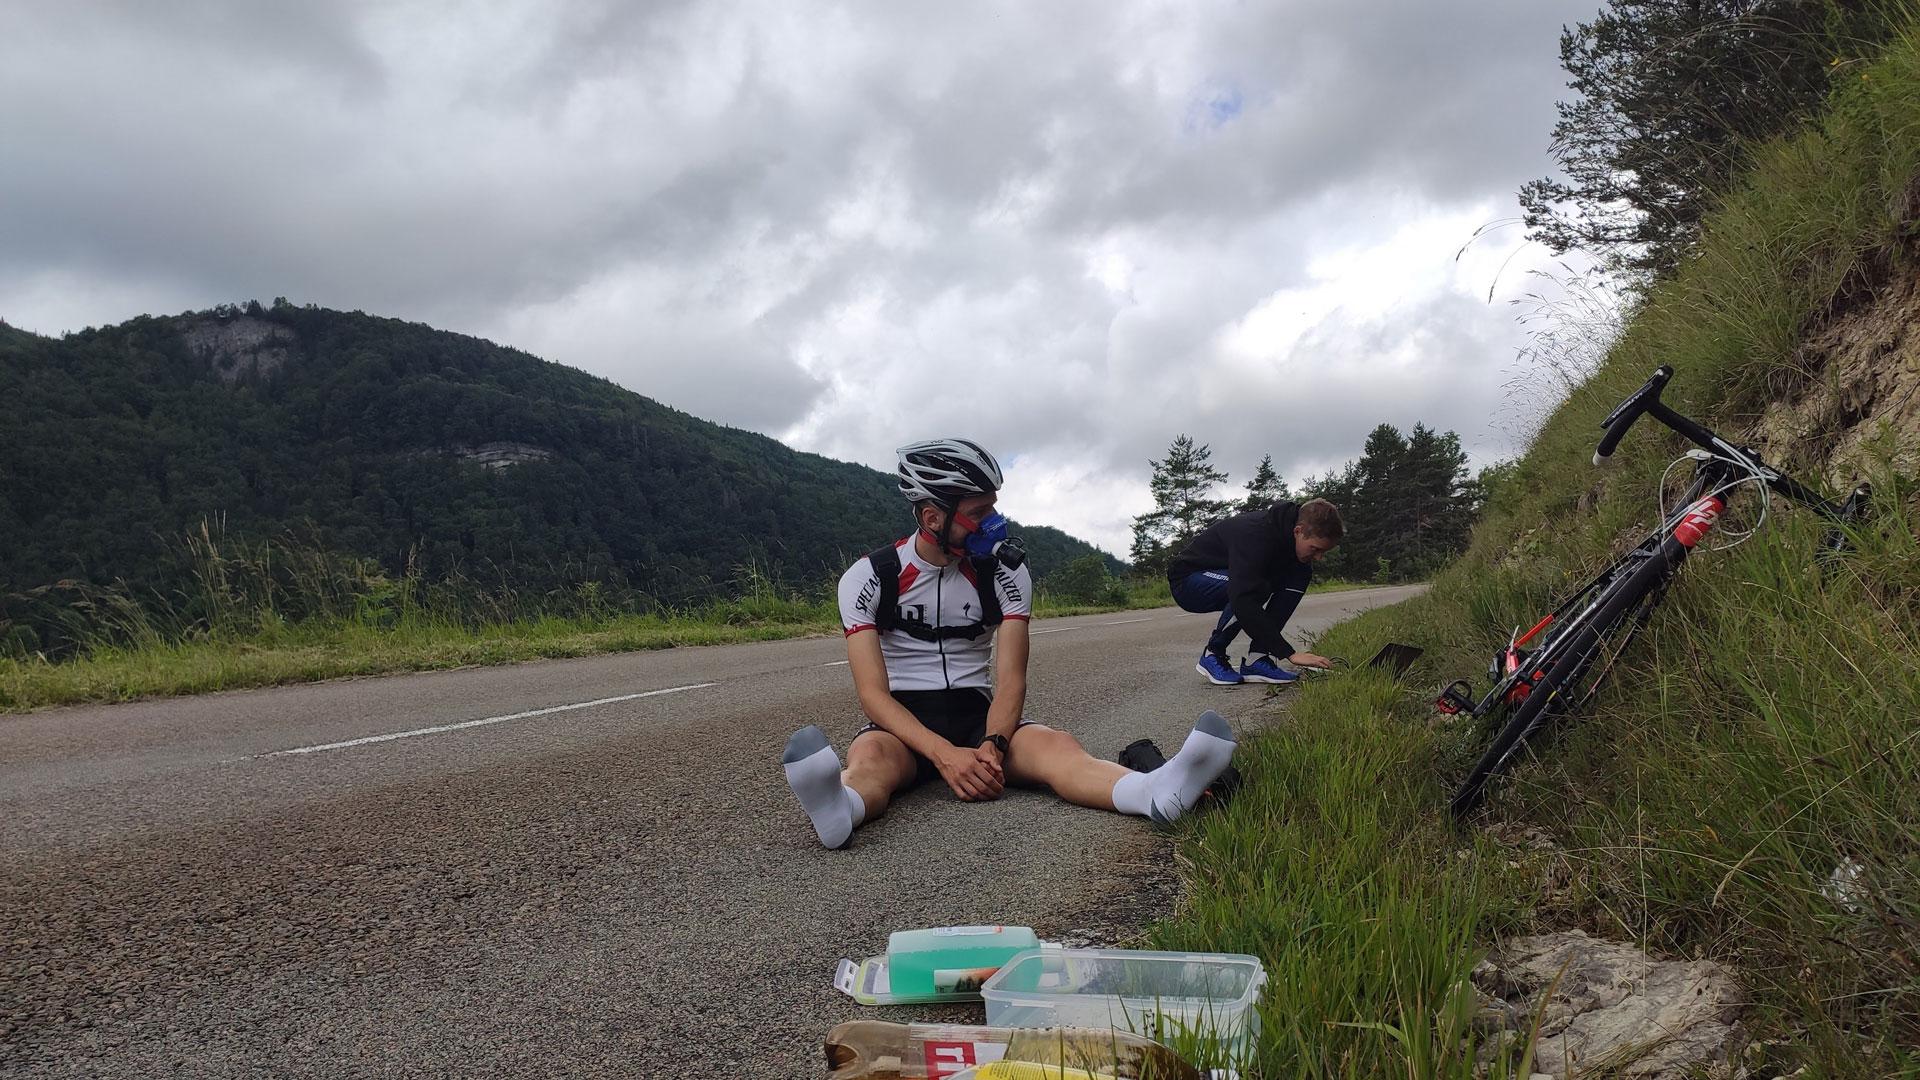 Cycliste en plein test physiologique pour déterminer son profil d'athlète, dans le but de prescrire ses intensités d'entrainement.